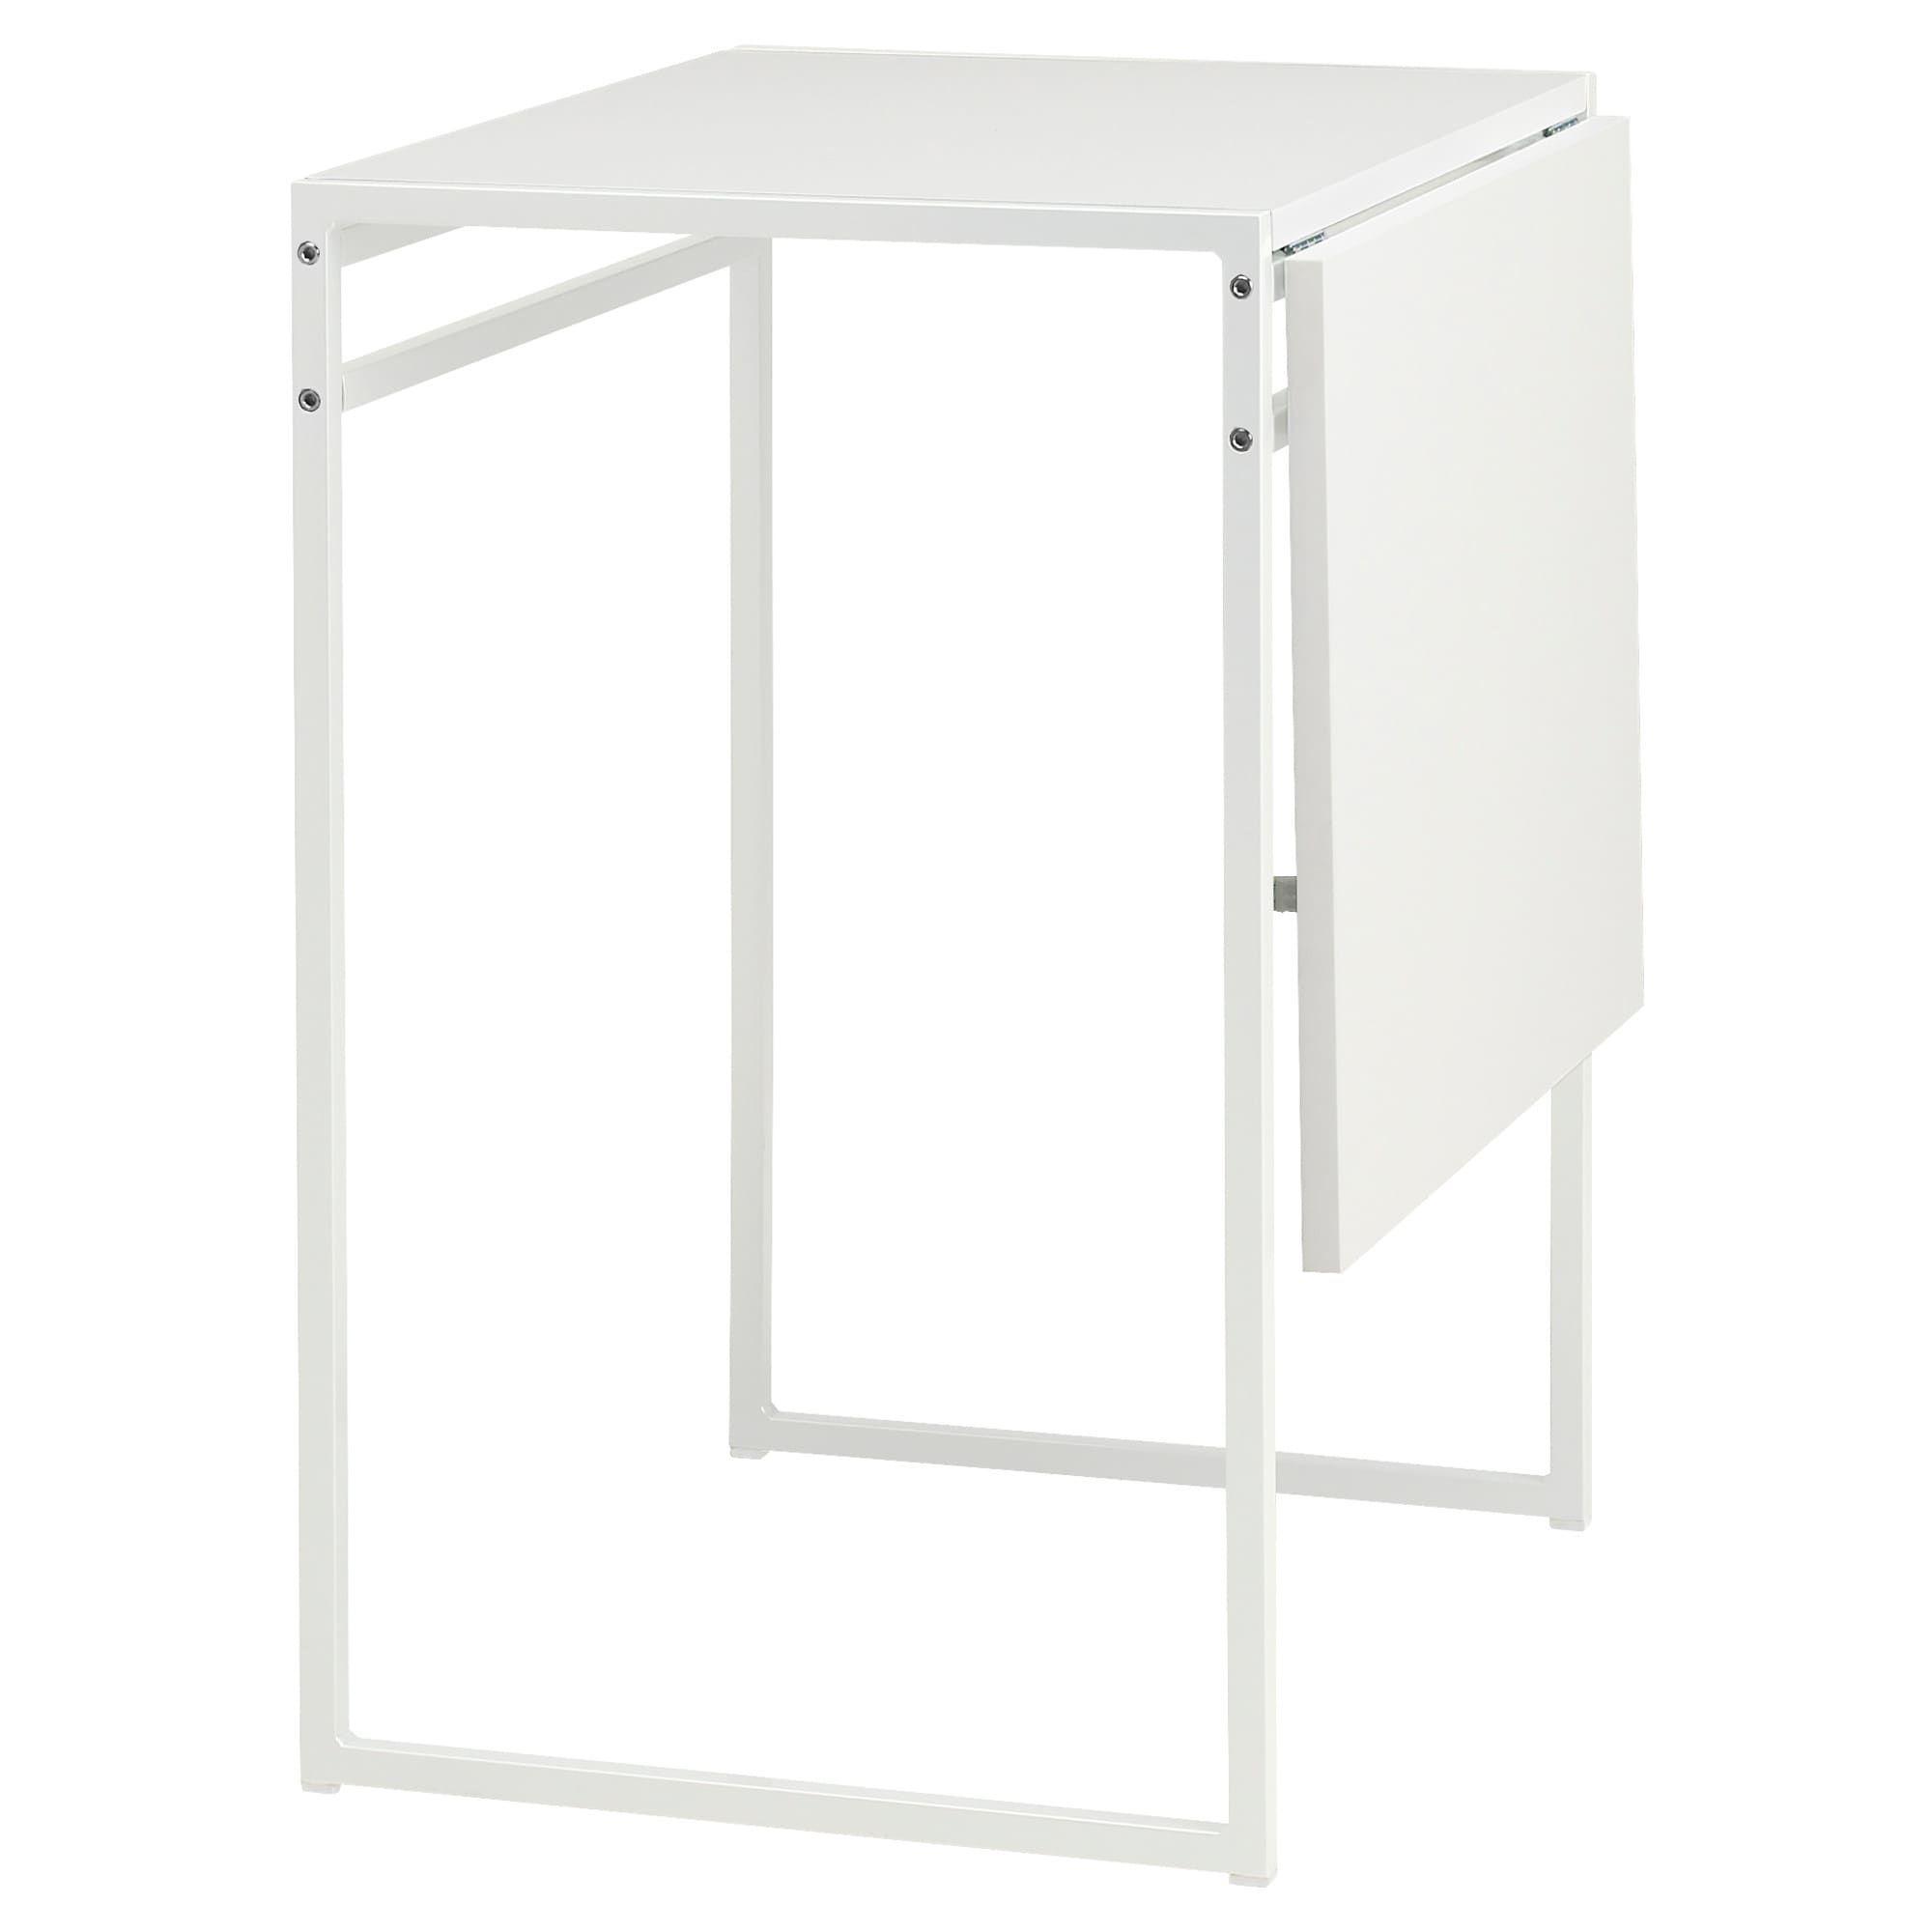 Muddus Drop Leaf Table Ikea Drop Leaf Table Leaf Table Ikea [ 2000 x 2000 Pixel ]